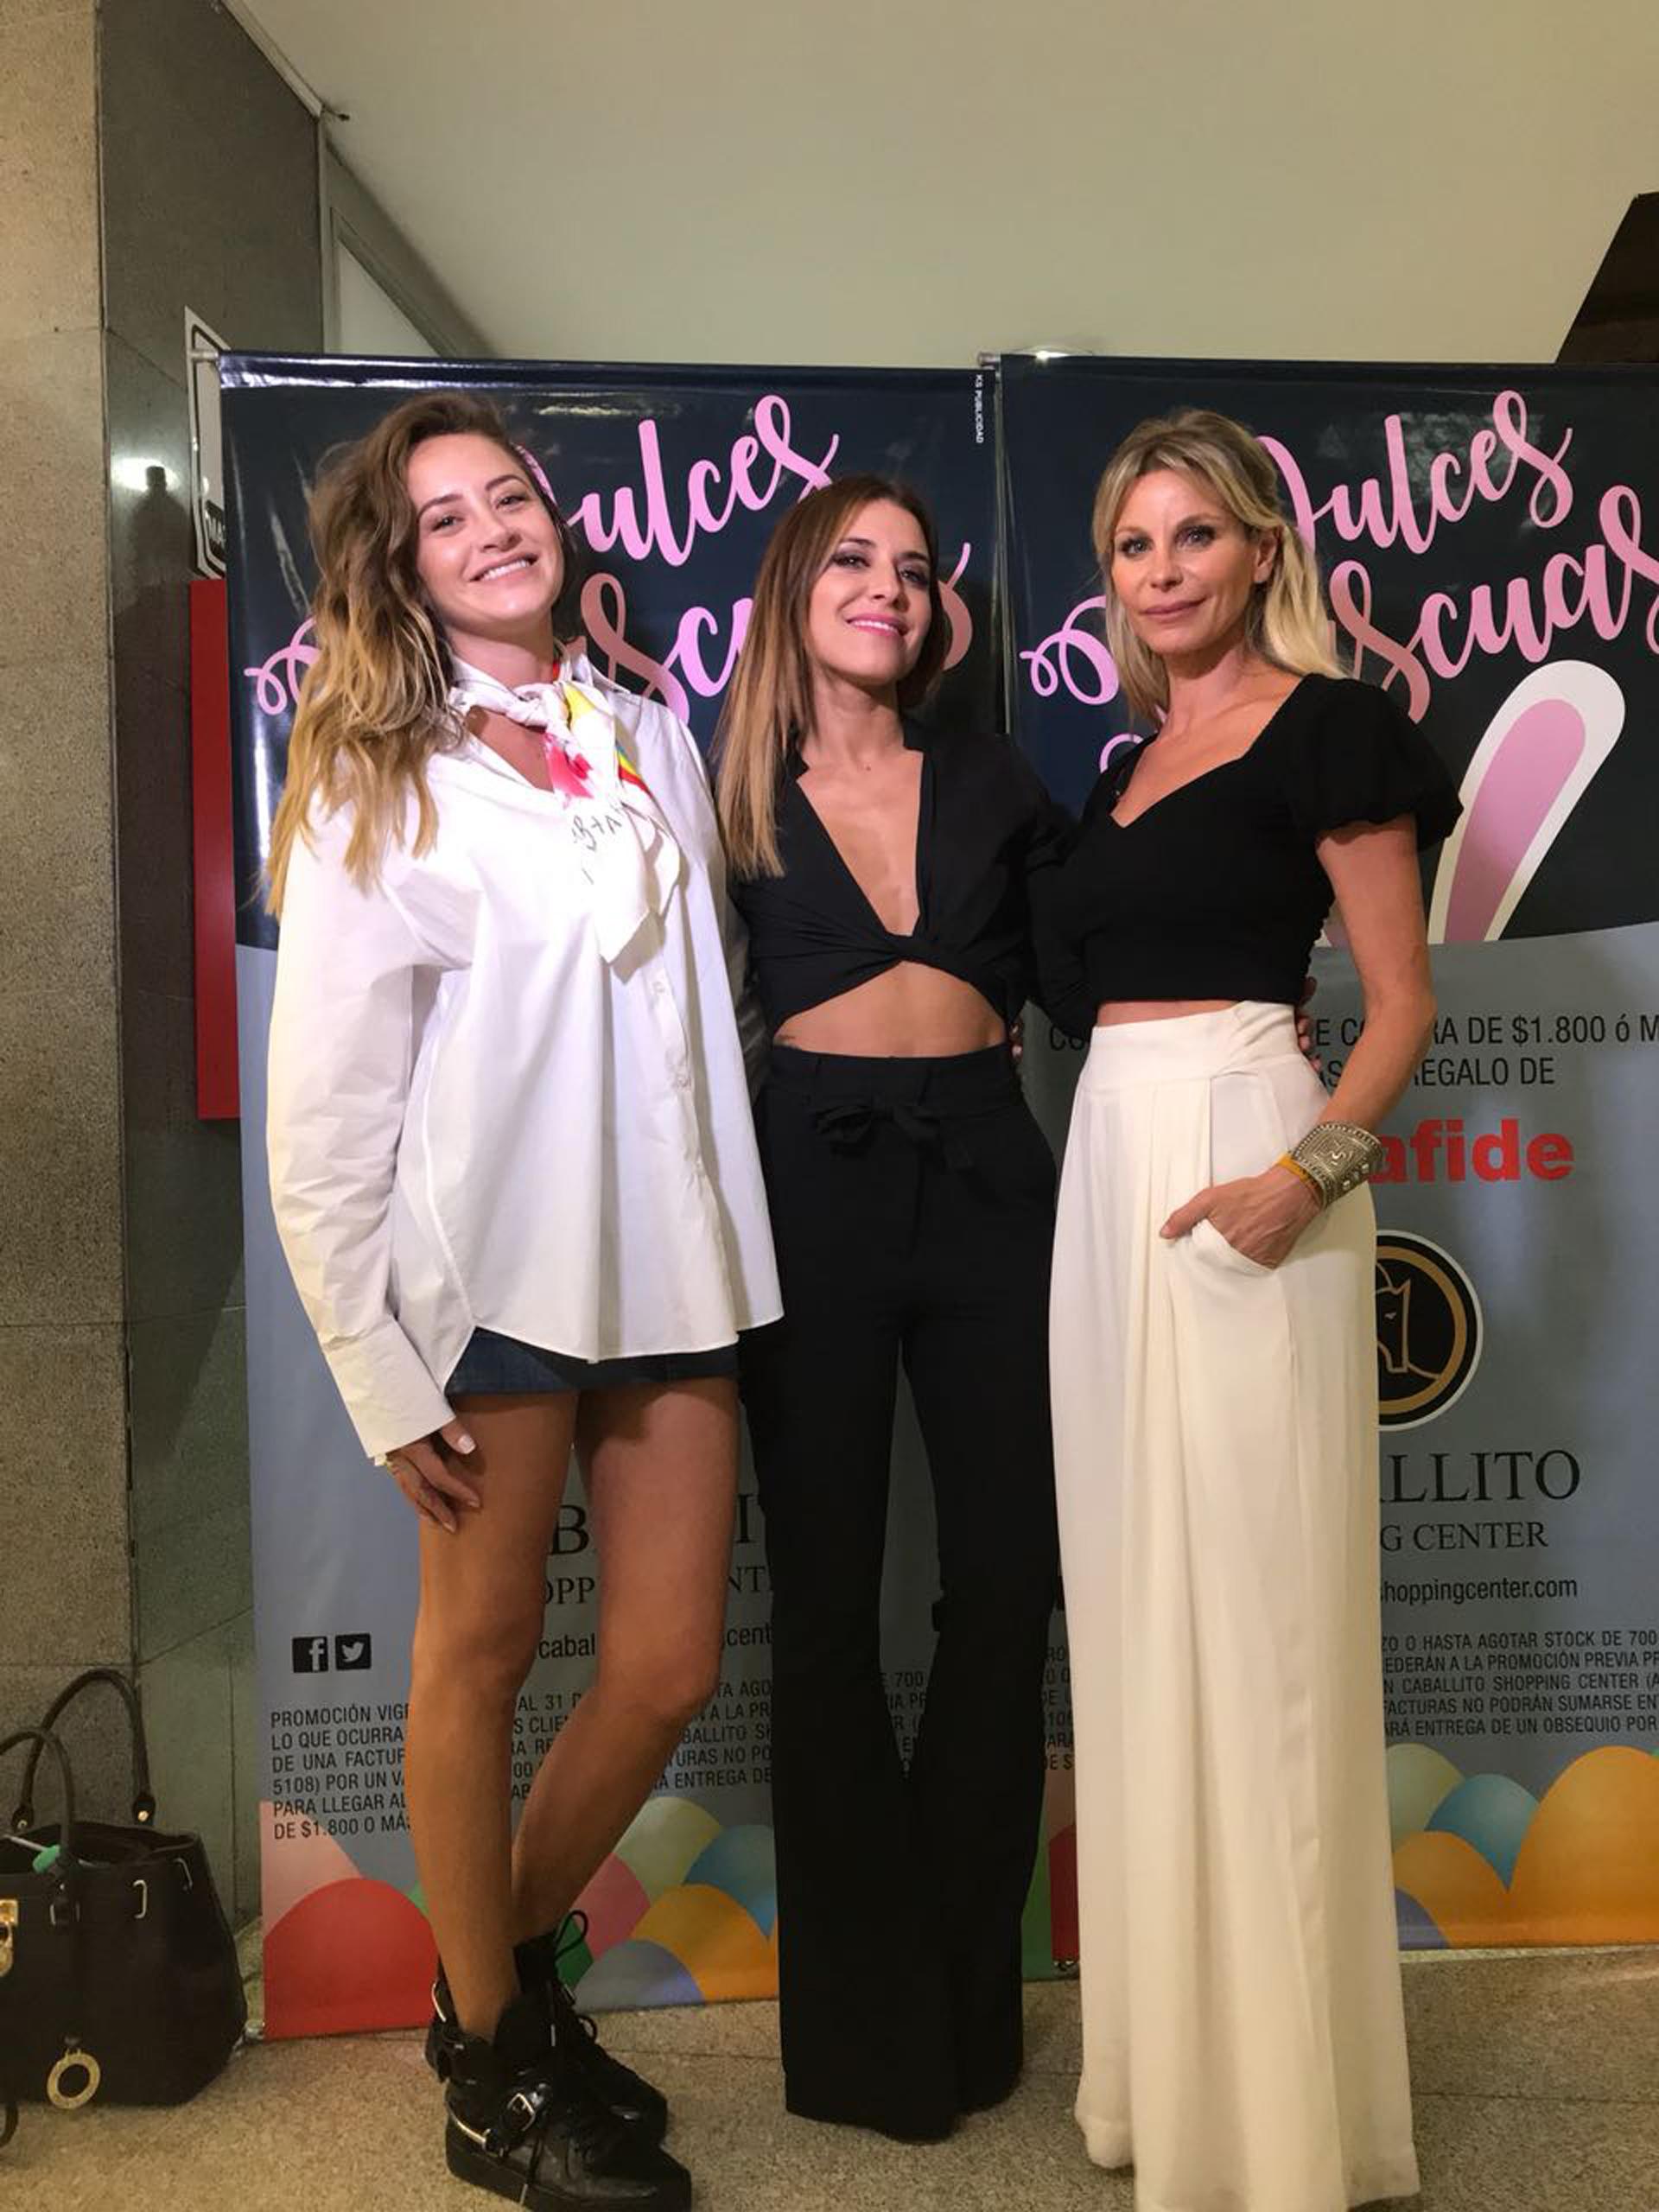 Melina Gadano Mariana Brey y Jimena Cyrulnik se muestran felices tras la compra de las promociones del reconocido centro comercial